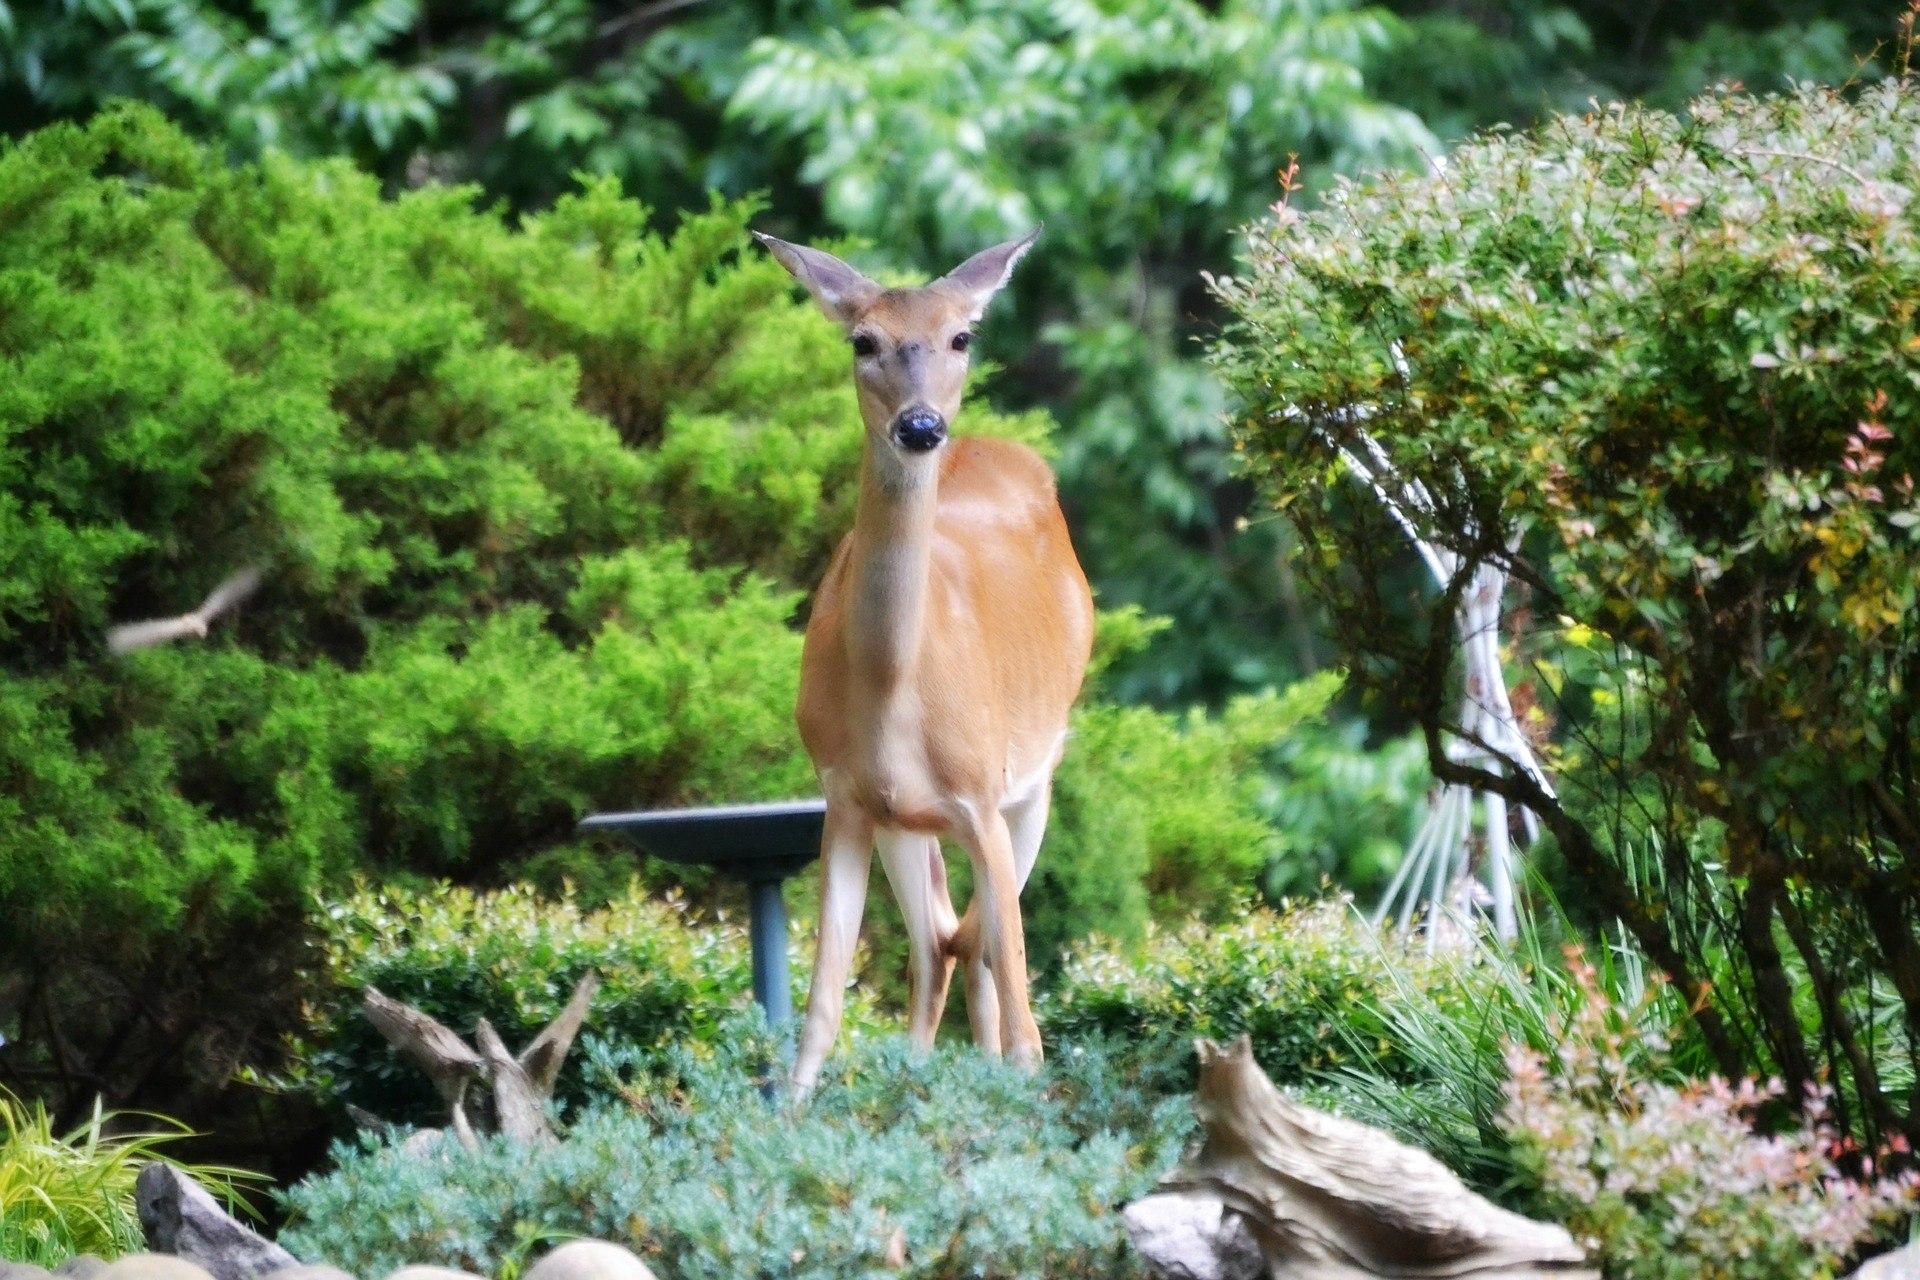 The Best Deer Repellent Reviews Keep Deer Out of the Vegetable